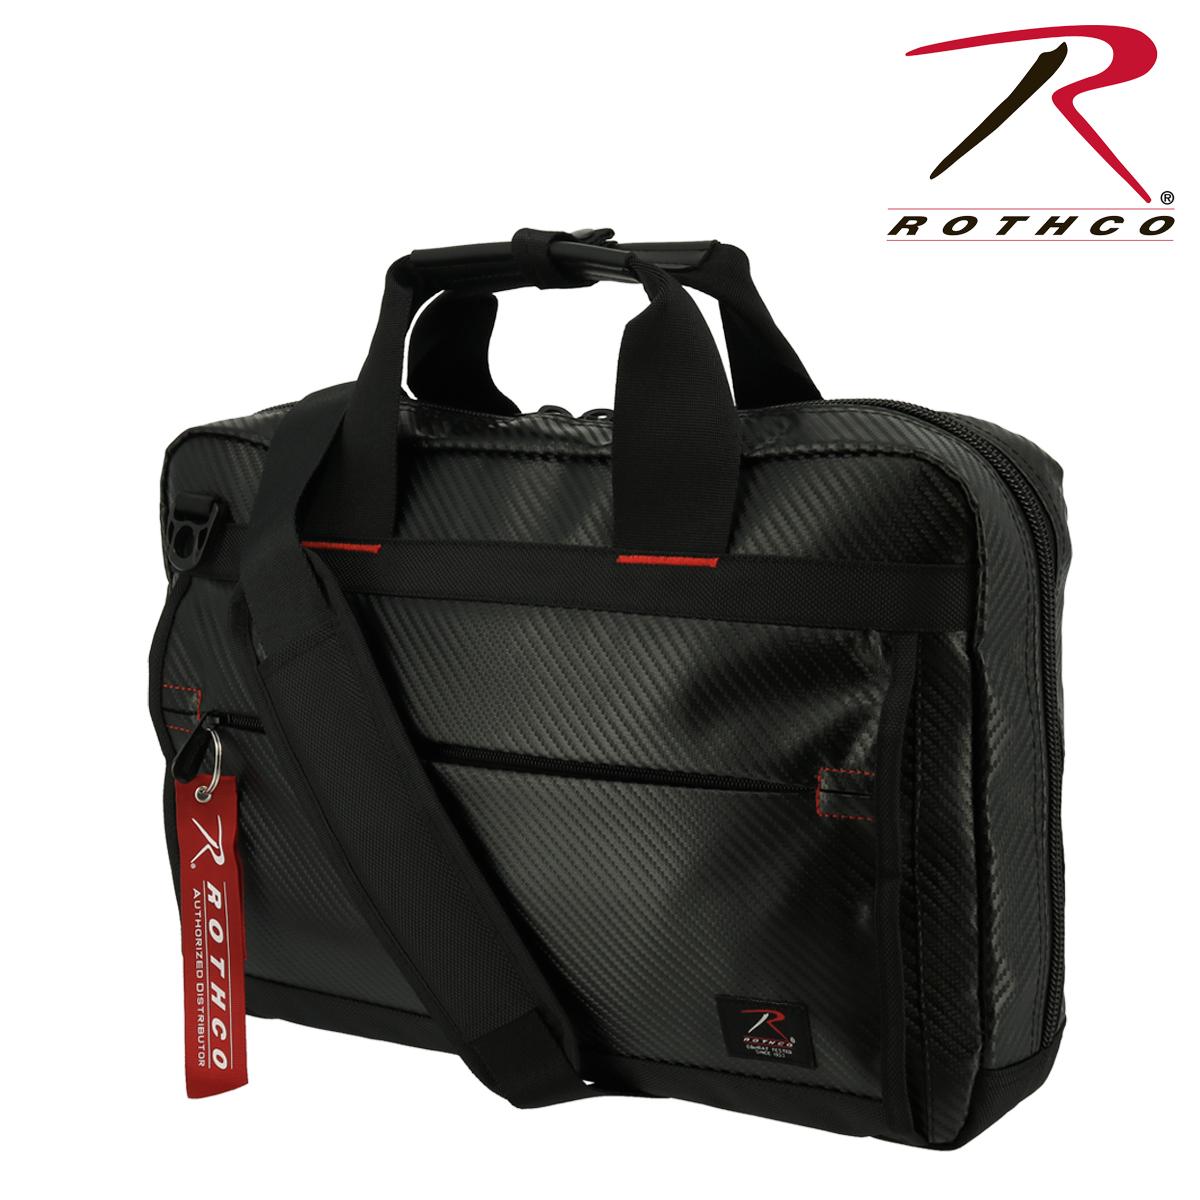 ロスコ ブリーフケース B4 3WAY SPARK メンズ 45012 ROTHCO | ビジネスリュック ビジネスバッグ キャリーオン